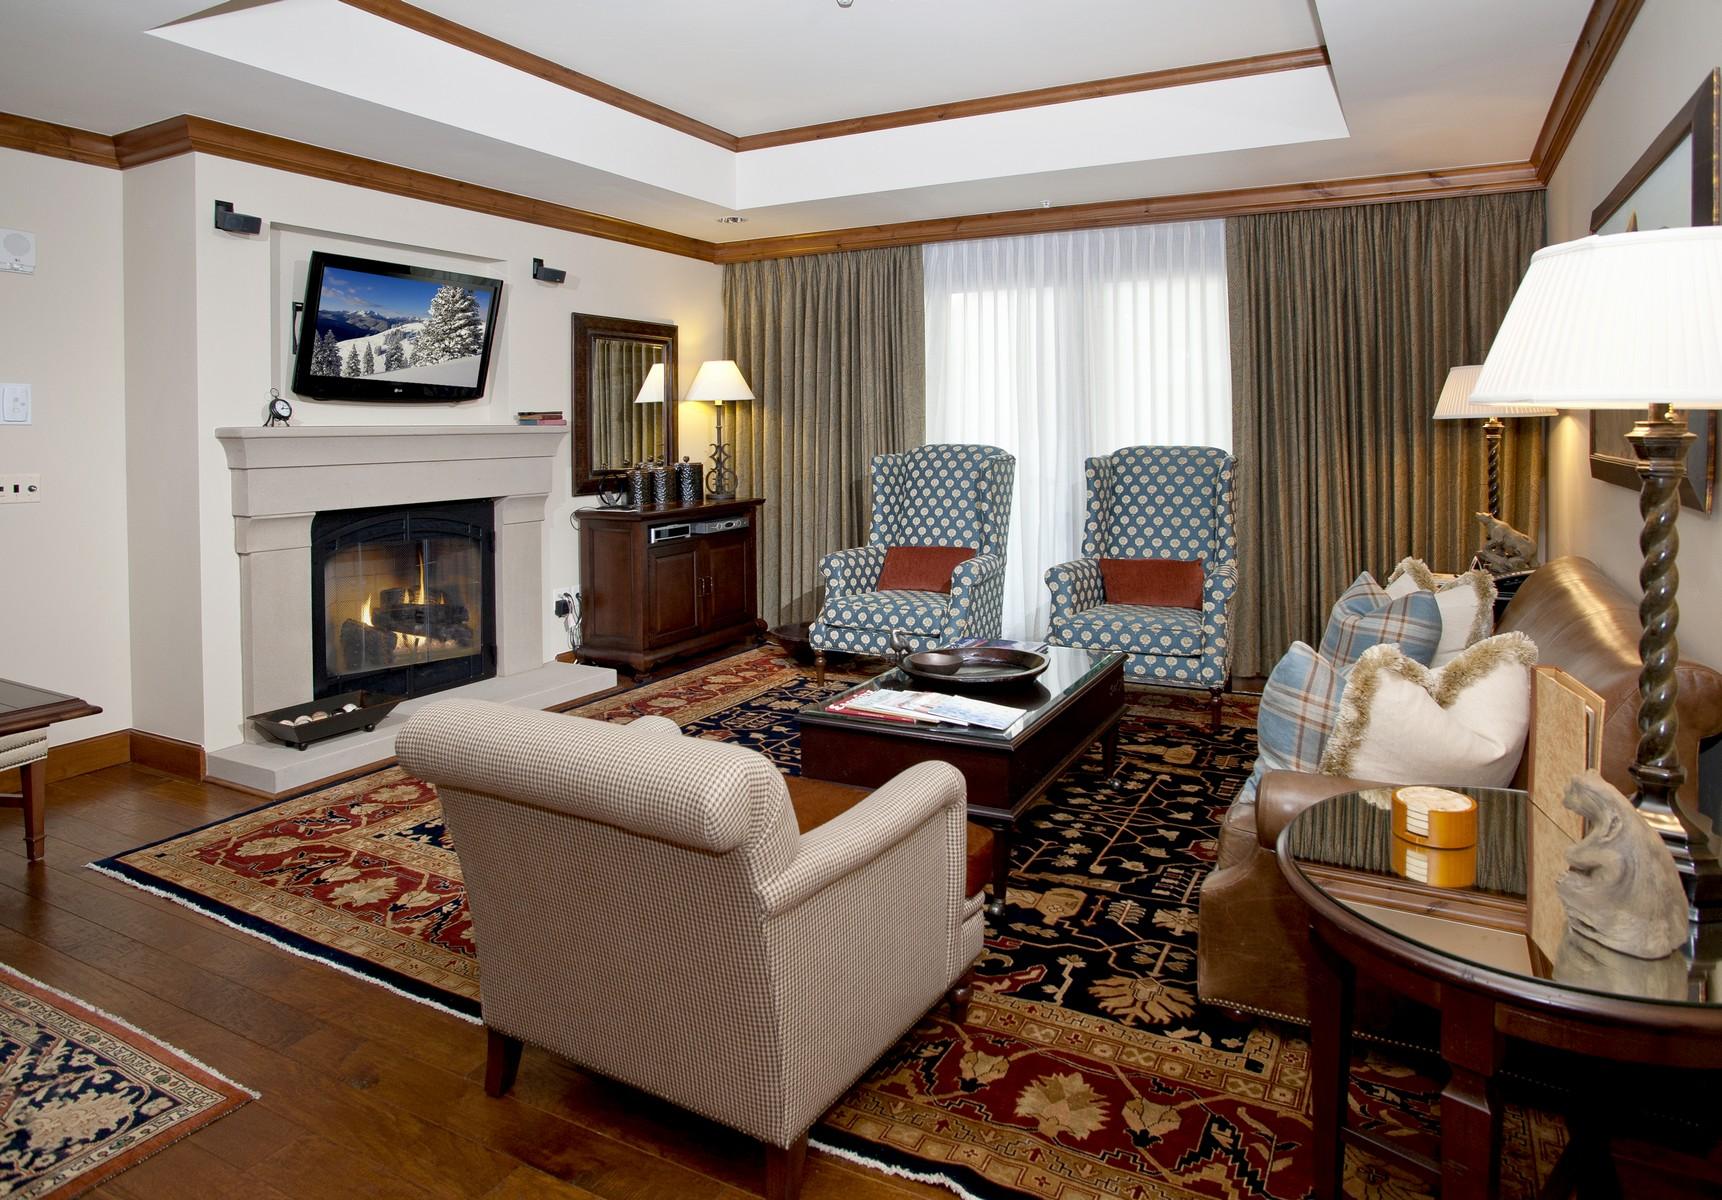 部分所有權 為 出售 在 The Ritz Carlton Club, Vail 728 W. Lionshead Circle 224 Vail, 科羅拉多州, 81657 美國